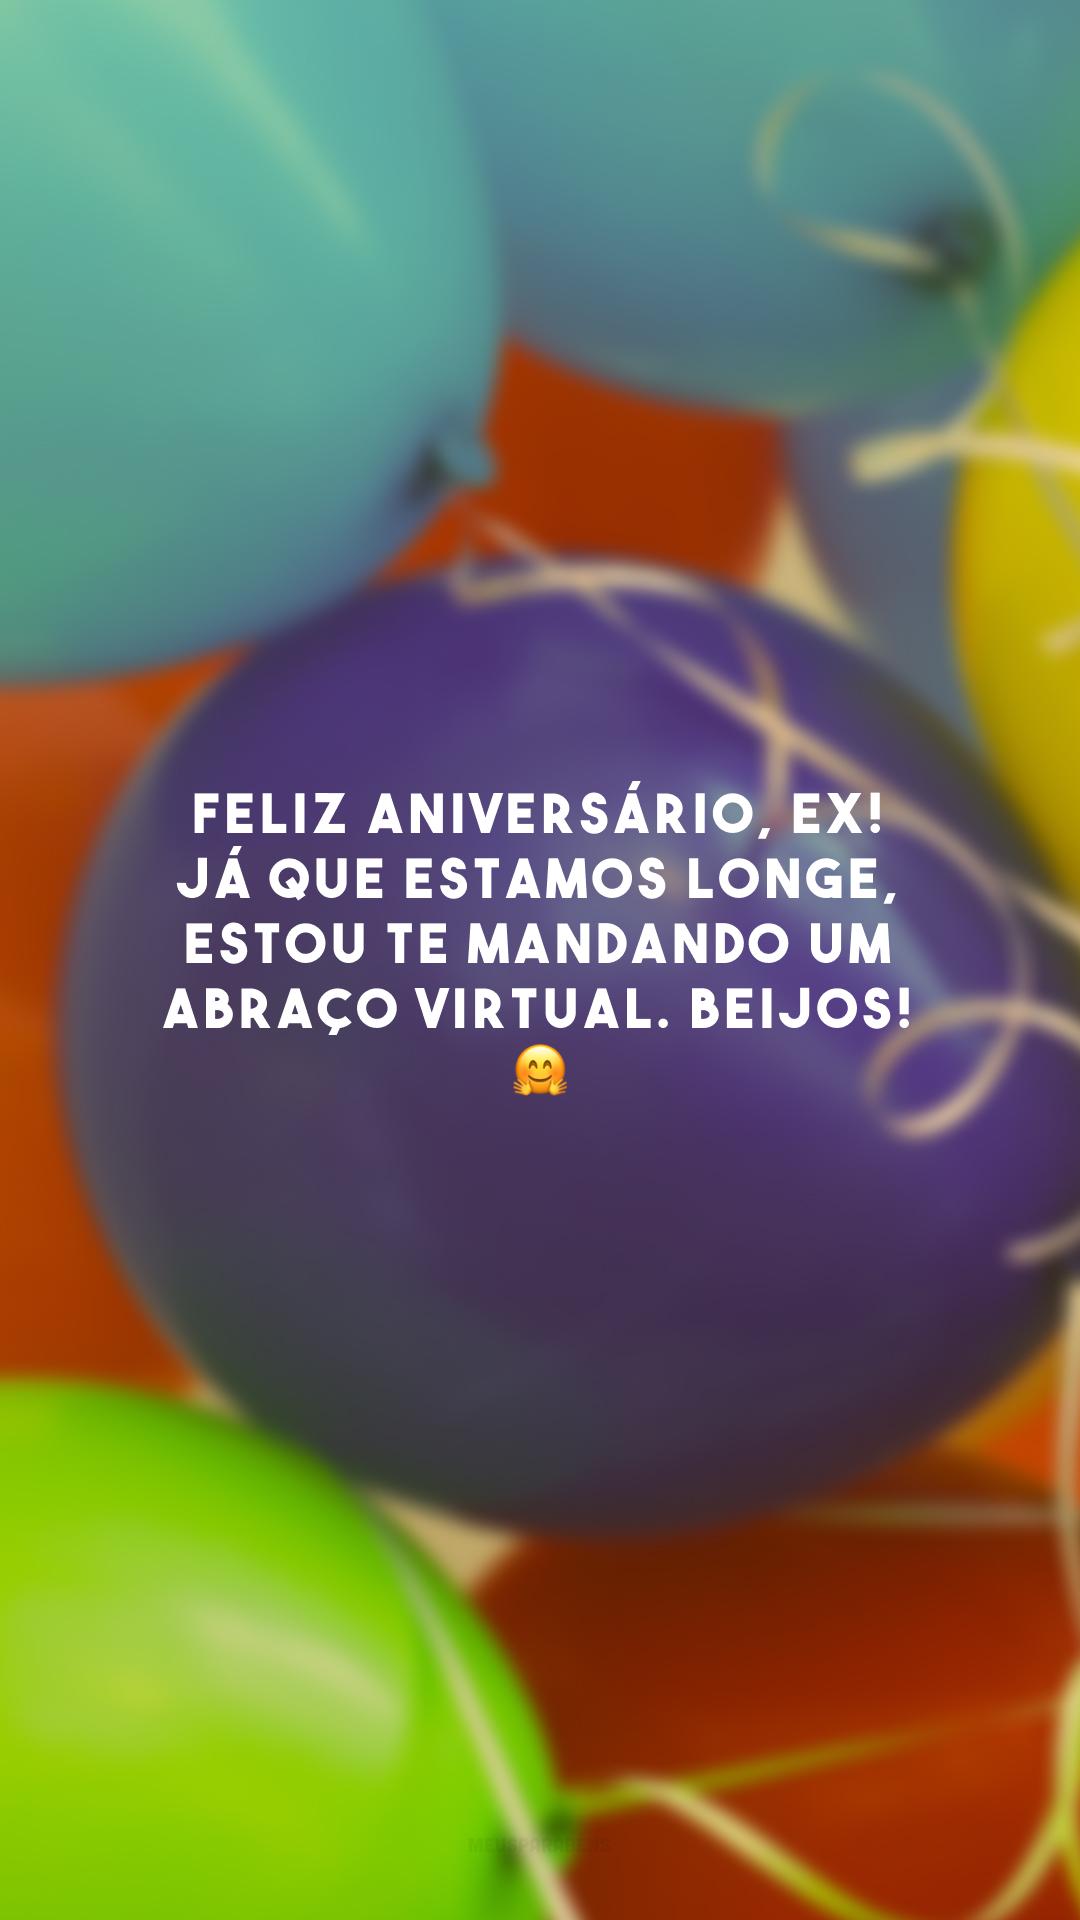 Feliz aniversário, ex! Já que estamos longe, estou te mandando um abraço virtual. Beijos! 🤗